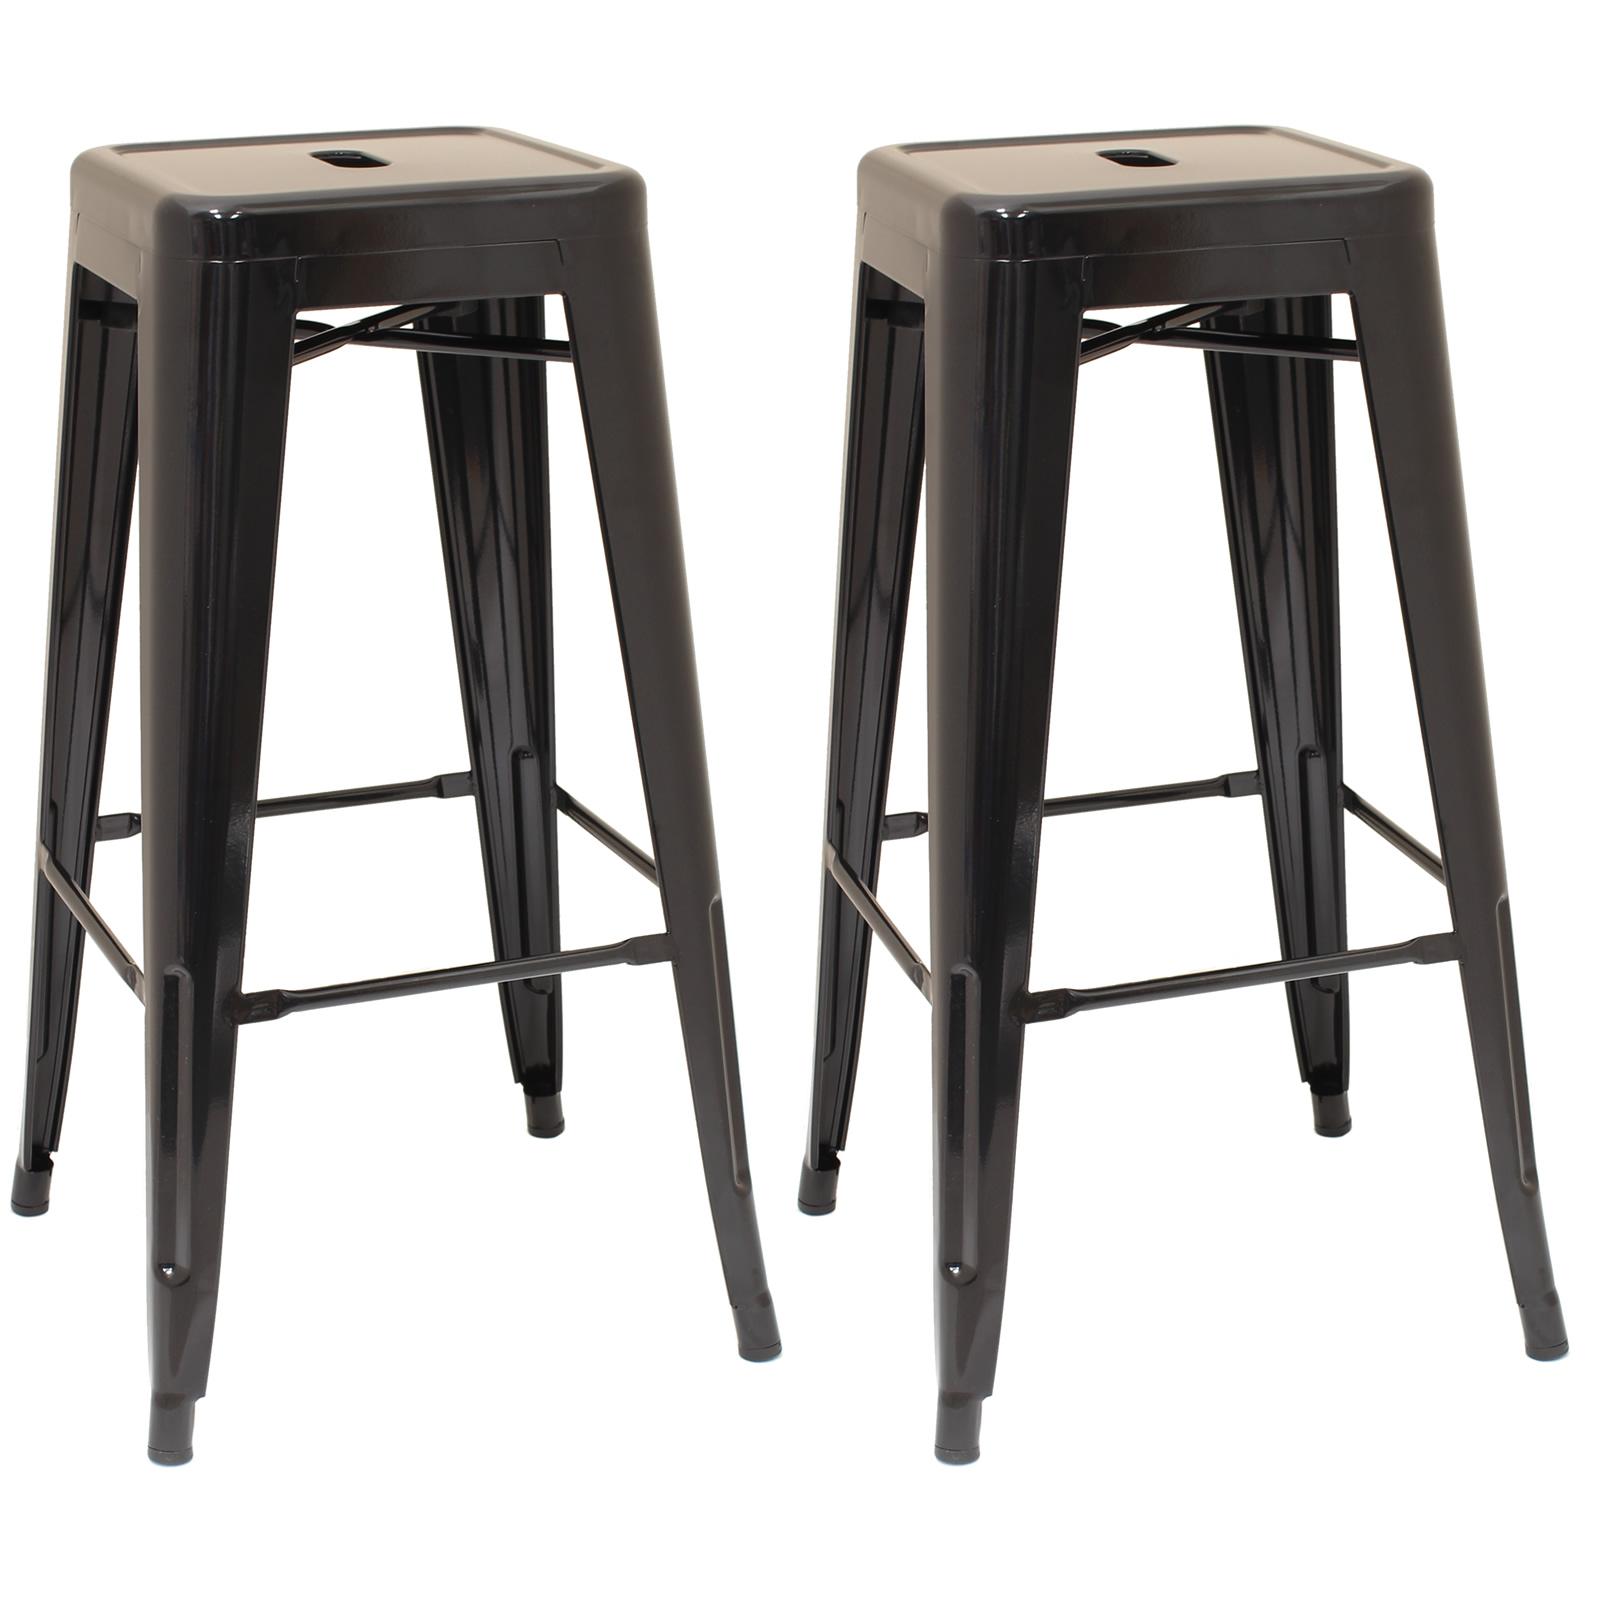 Black Metal Stool Cafe Breakfast Bar Seat Chair Industrial